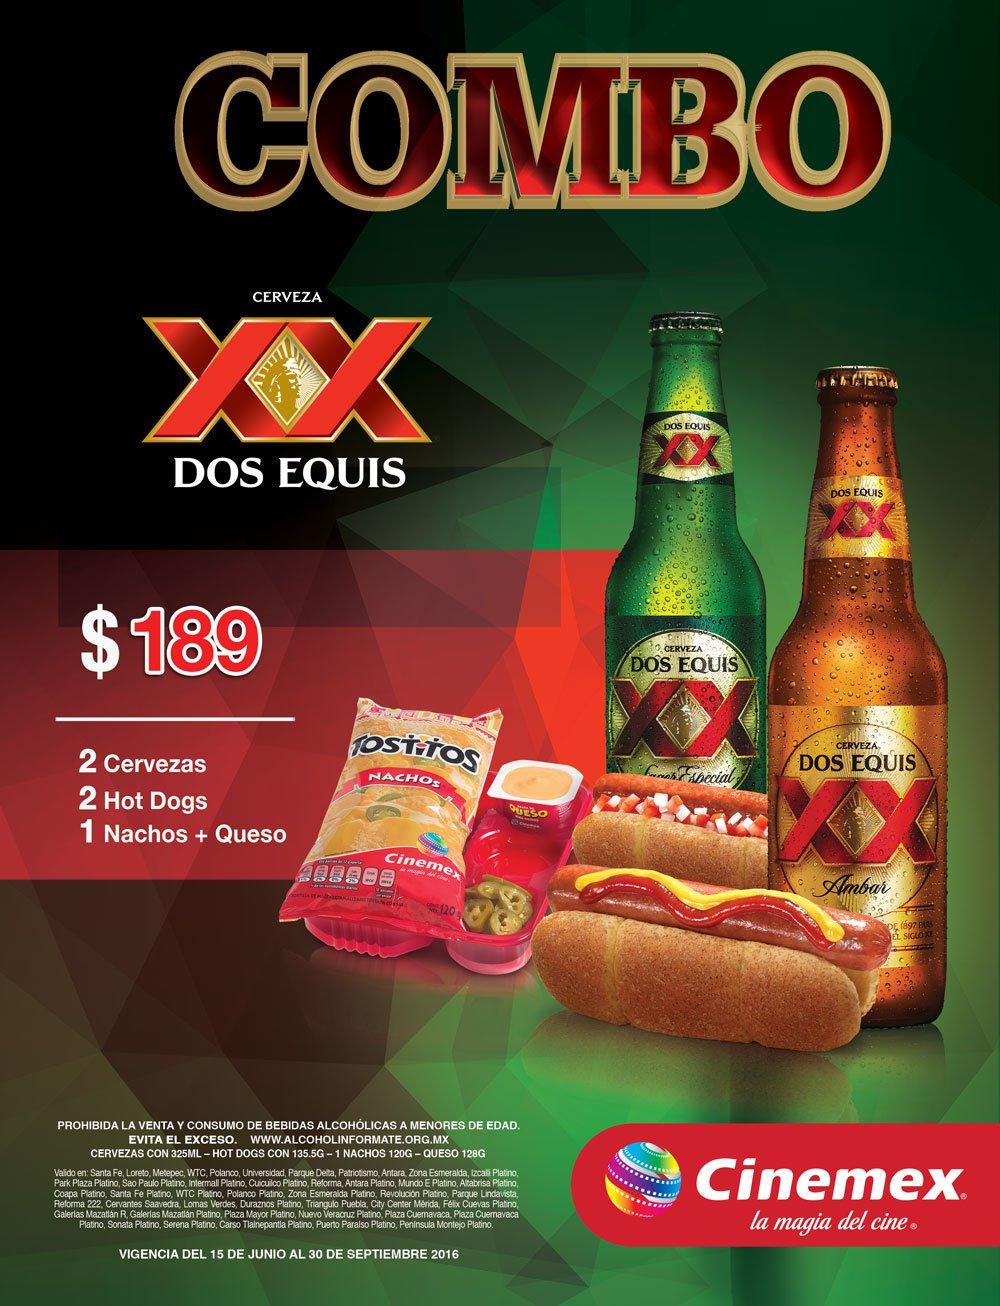 Cinemex: ¡2 Cervezas, 2 Hot Dogs y Nachos ! para acompañar las pelis de estreno